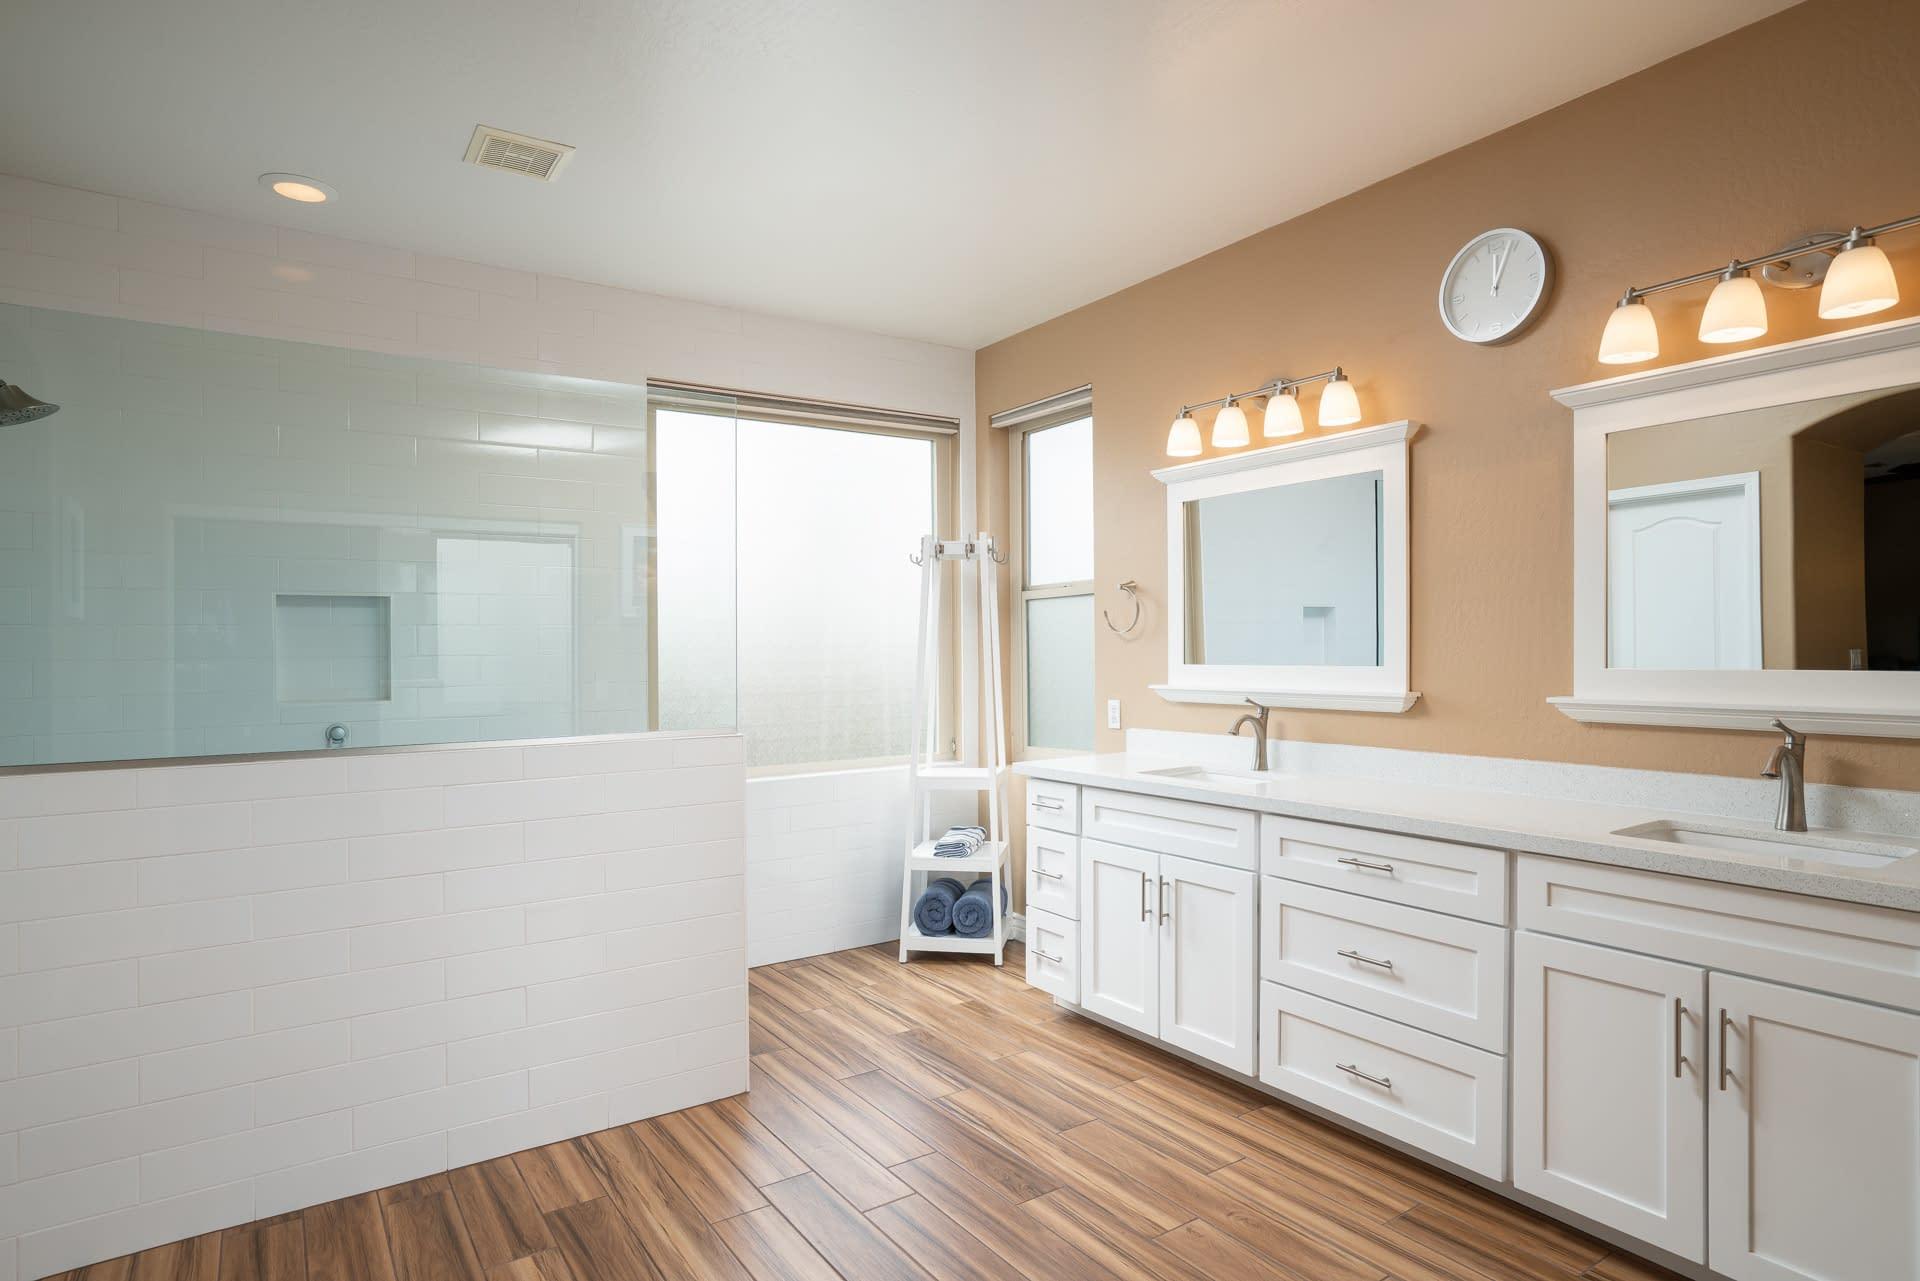 master bathroom remodel in Chandler after